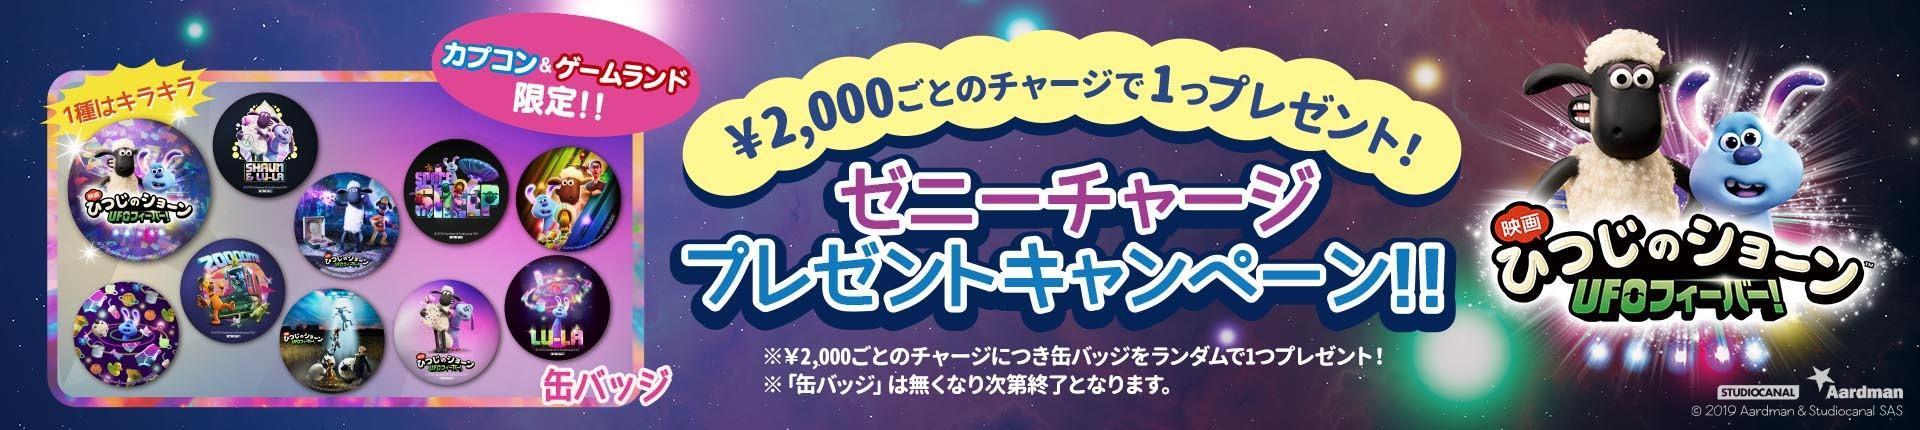 カプコン限定!!「ひつじのショーン」ゼニーチャージプレゼントキャンペーン!!